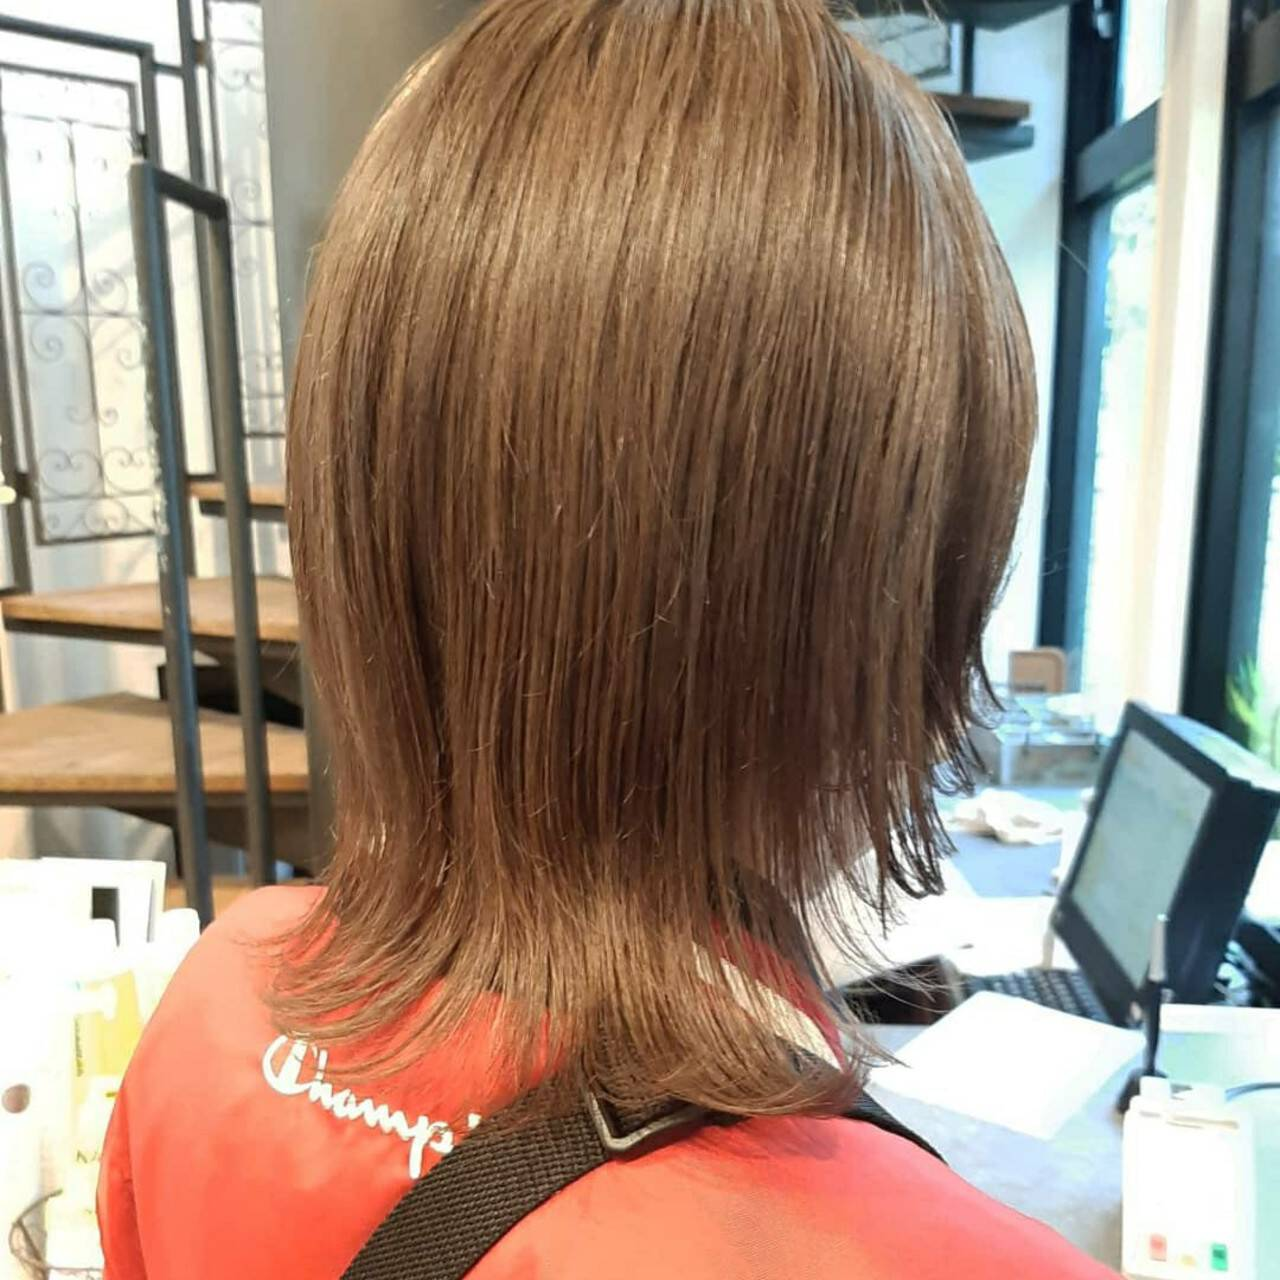 ウルフカット ミディアム インナーカラー 切りっぱなしボブヘアスタイルや髪型の写真・画像